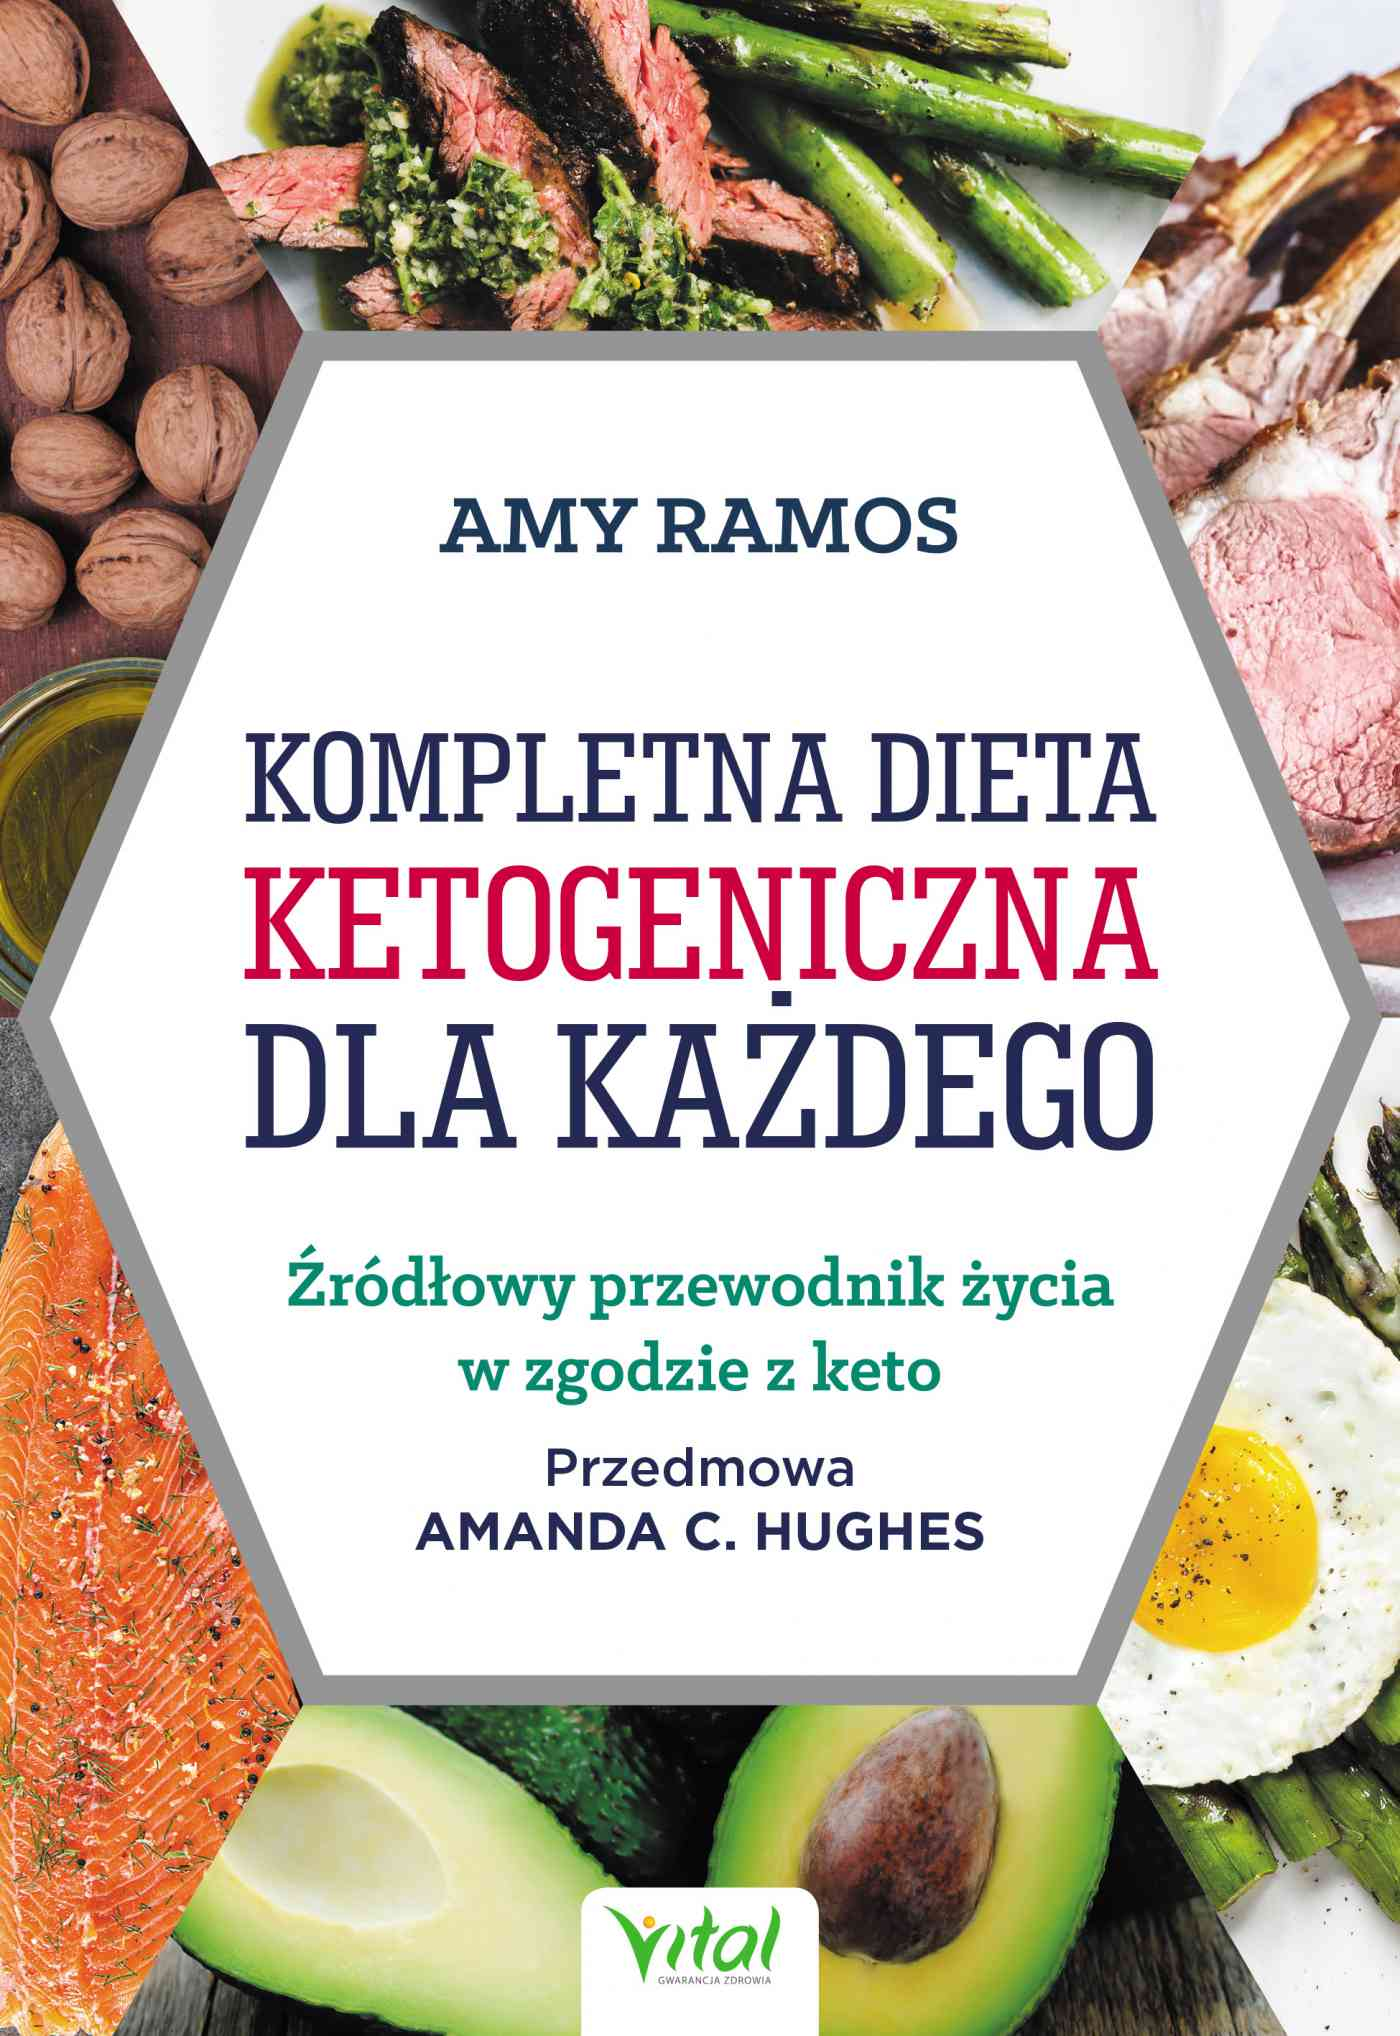 Kompletna dieta ketogeniczna dla każdego. Źródłowy poradnik życia w zgodzie z keto - Ebook (Książka PDF) do pobrania w formacie PDF